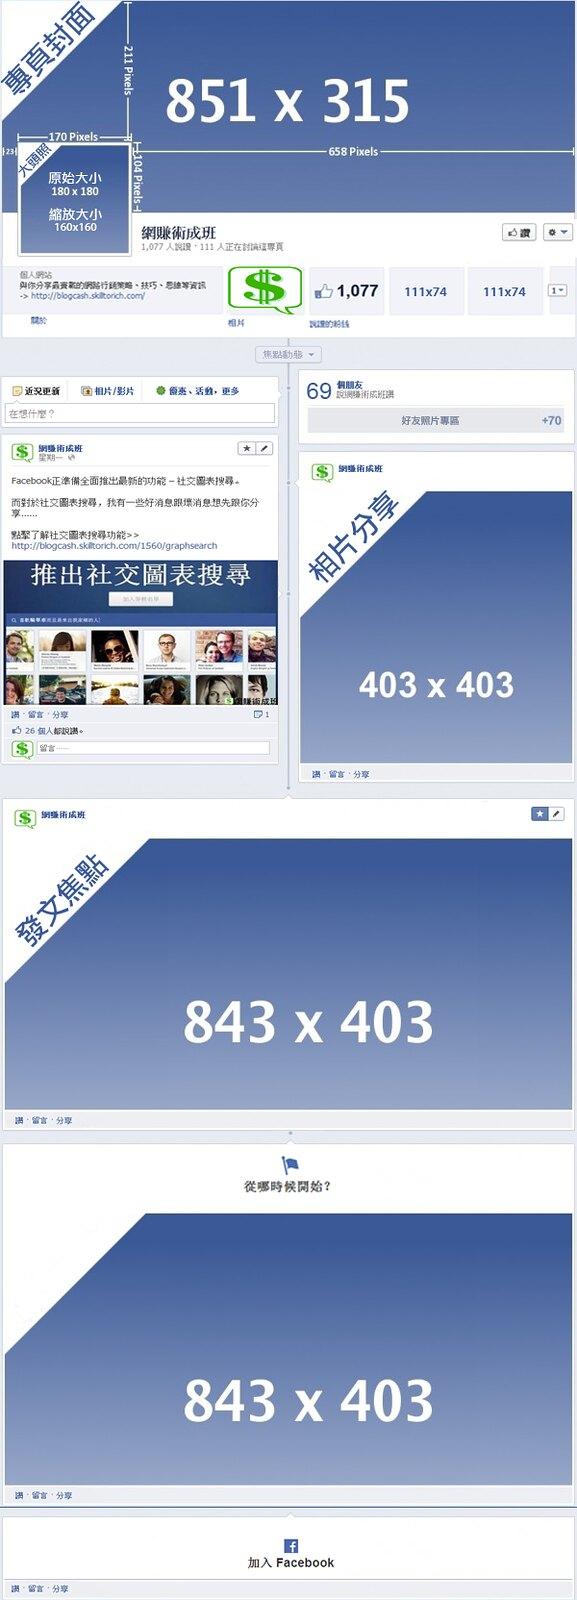 臉書行銷設計